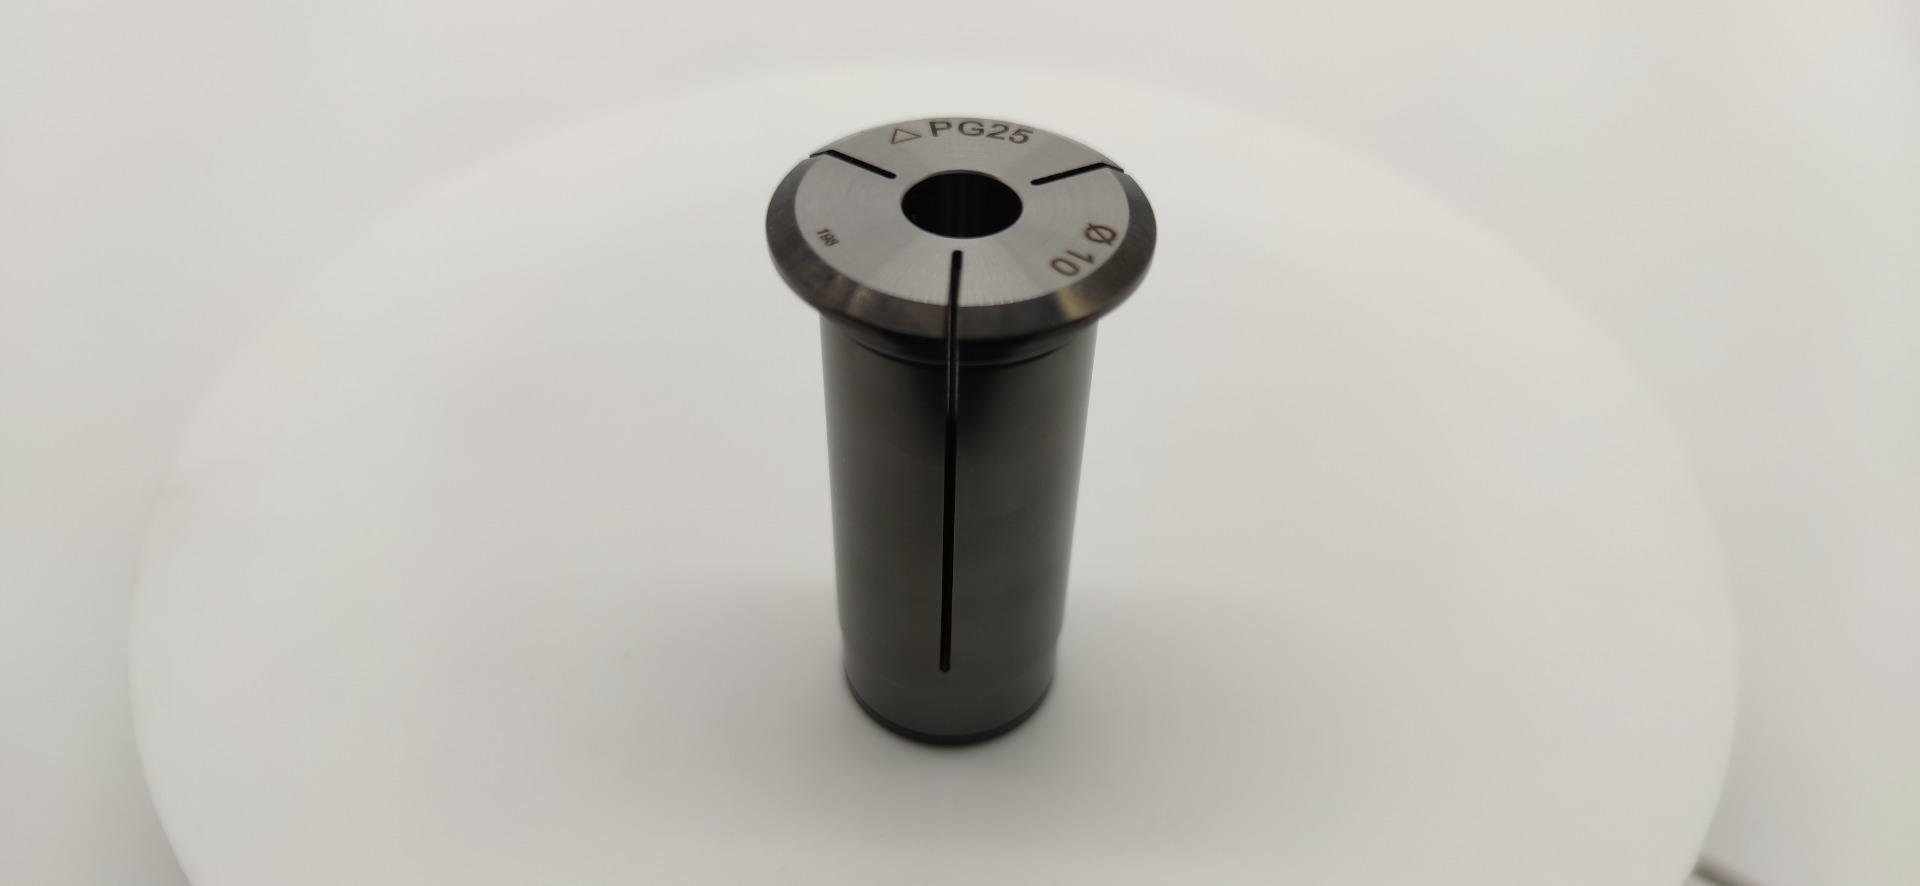 REGO-FIX PG25-10弹簧夹头